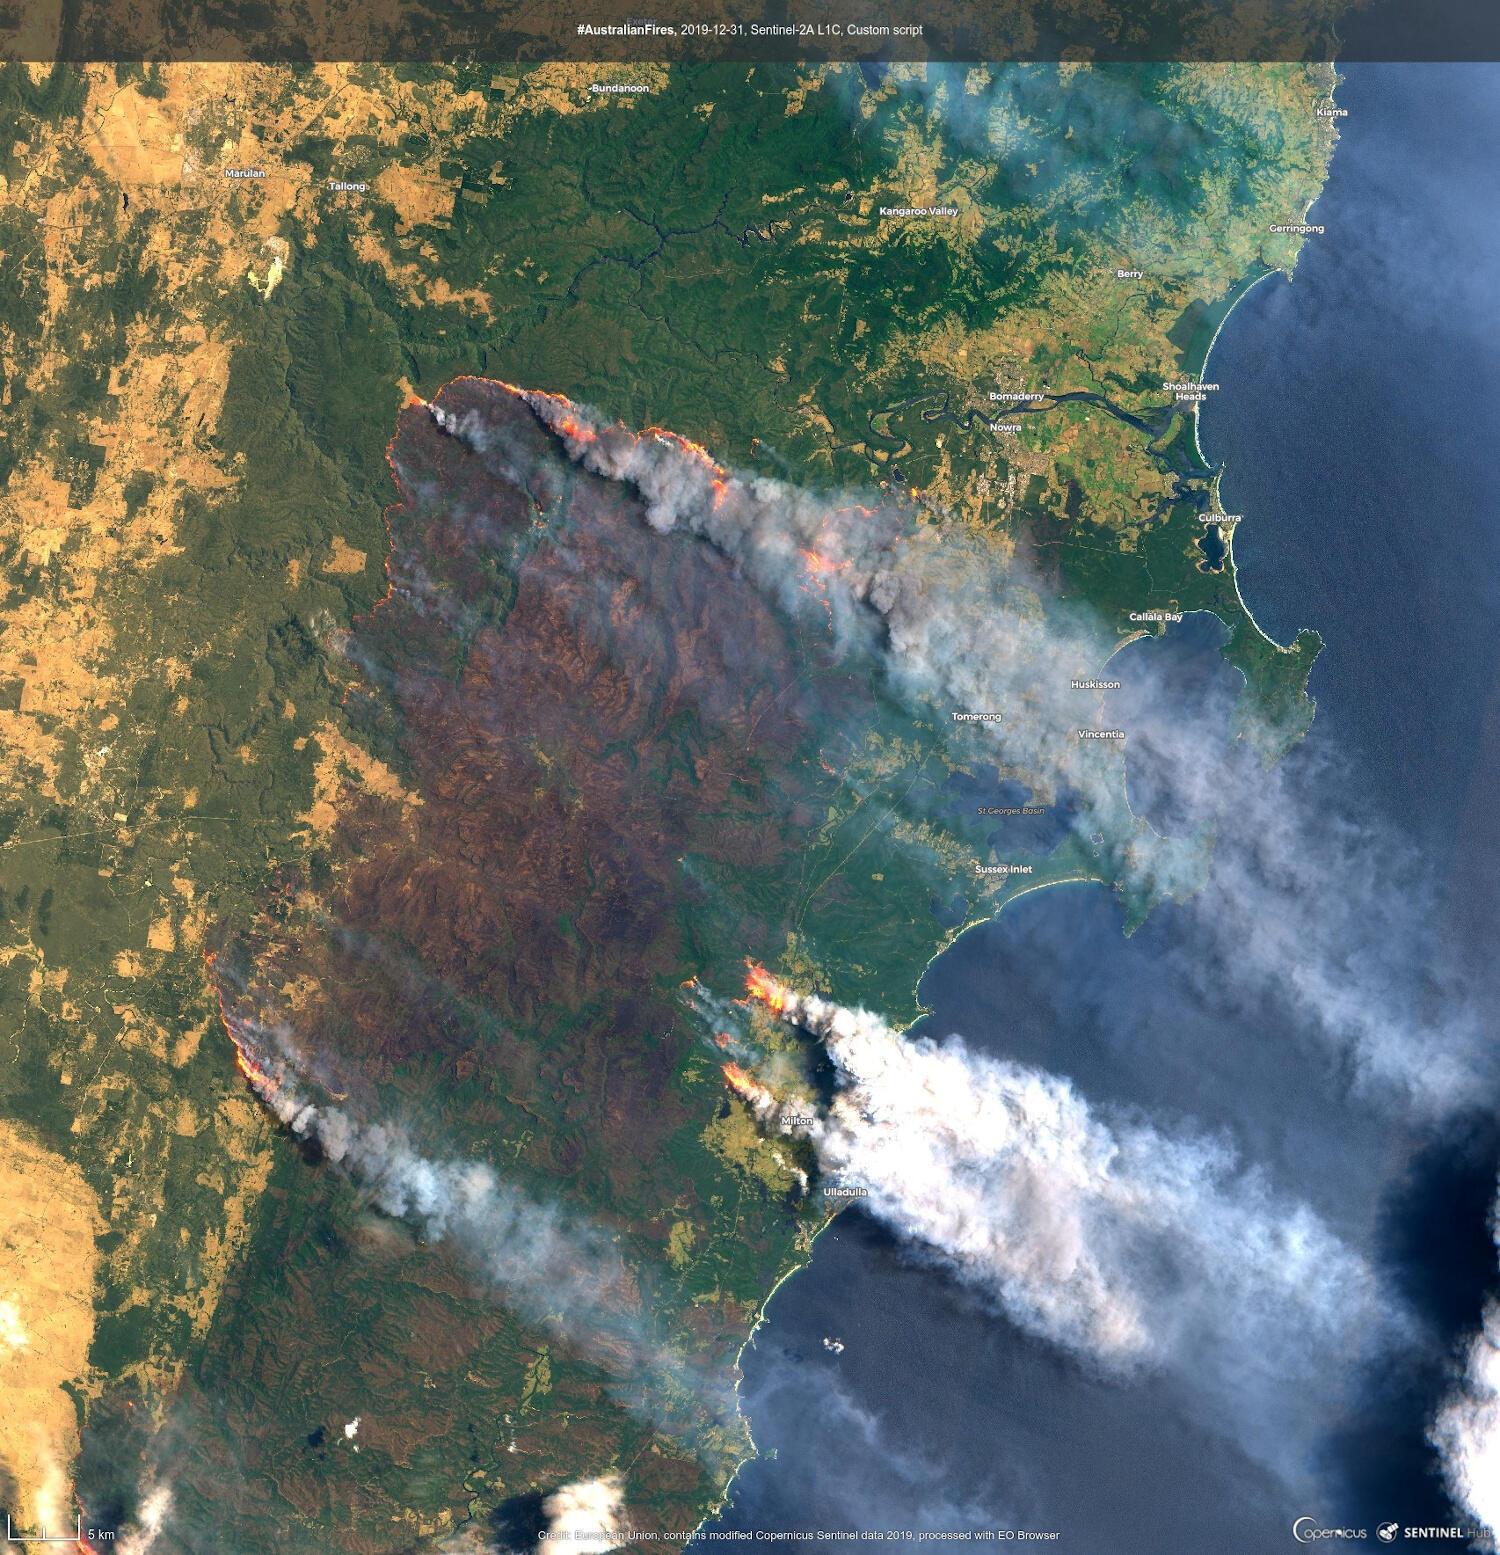 Vista satélite dos fogos na Austrália, 31 de Dezembro do 2019.